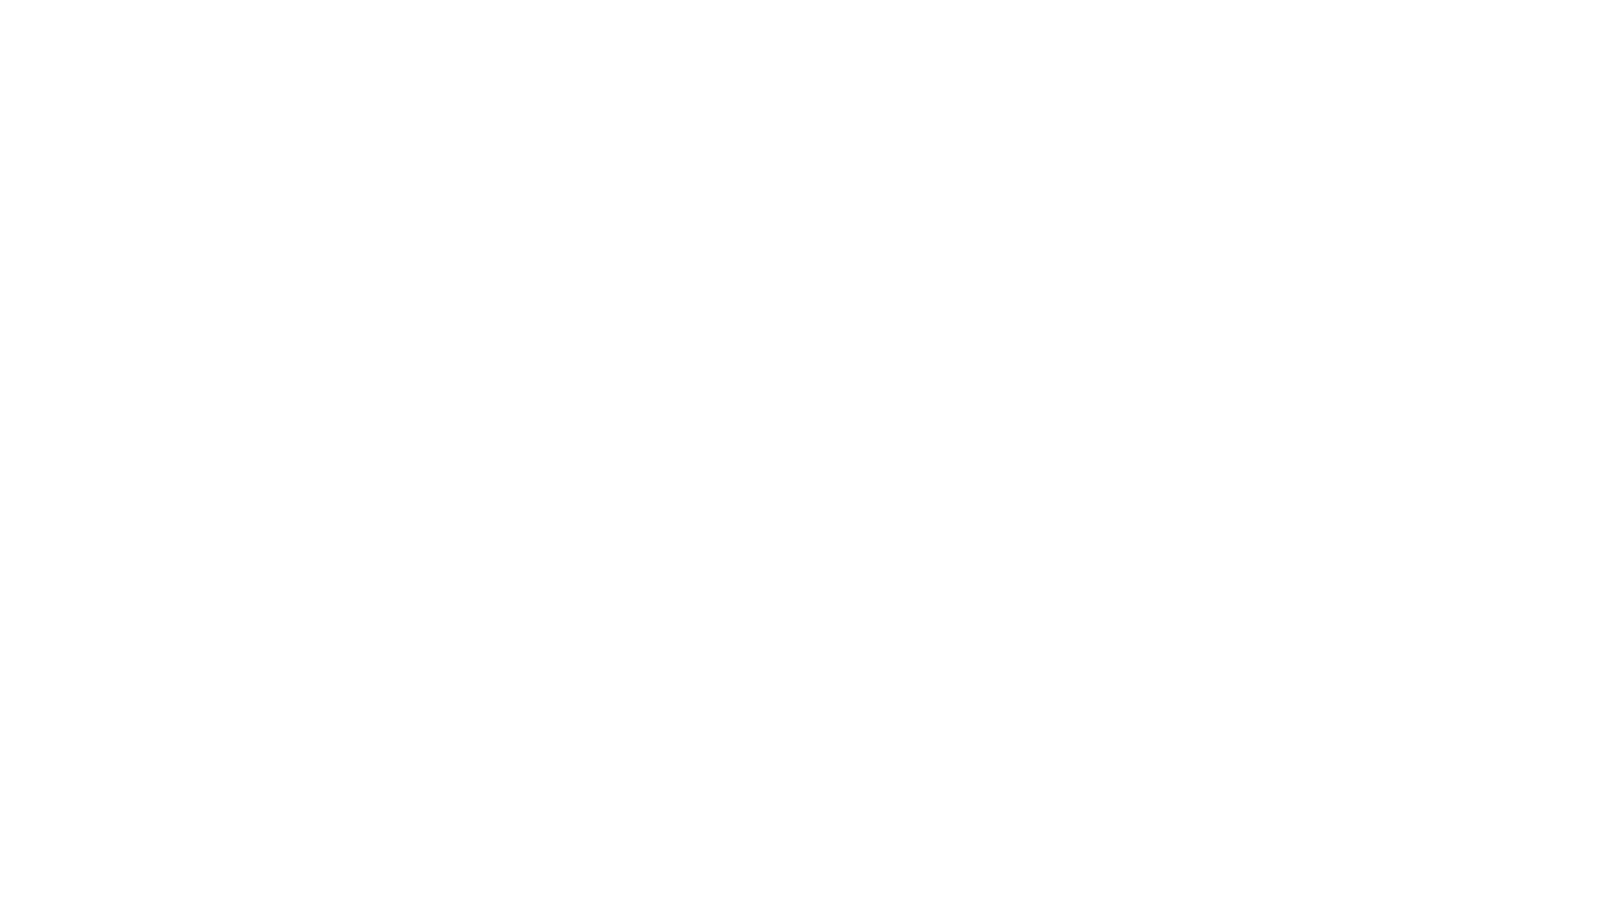 """Drei Hannoveraner*innen haben ein gemeinsames Ziel: Sie sagen dem Plastikmüll den Kampf an. Doch ihr Weg dahin könnte kaum unterschiedlicher sein.   Ein Film von Paulina Kretschmar, Stina Welzig, Felix Ferraris und Anita Stall - entstanden im Rahmen des TV-Seminars der Hochschule Hannover (Studiengang: Journalistik). Der Beitrag wurde 2019 für die Sendung """"Exporter"""" produziert und bei dem Fernsehsender h1 ausgestrahlt.   Interviewpartner*innen:  Michaela Jacobs - Greenpeace Hannover Gert Schmidt -  Upcyclingbörse Hannover Michael Albert - """"LoLa"""" Loseladen"""